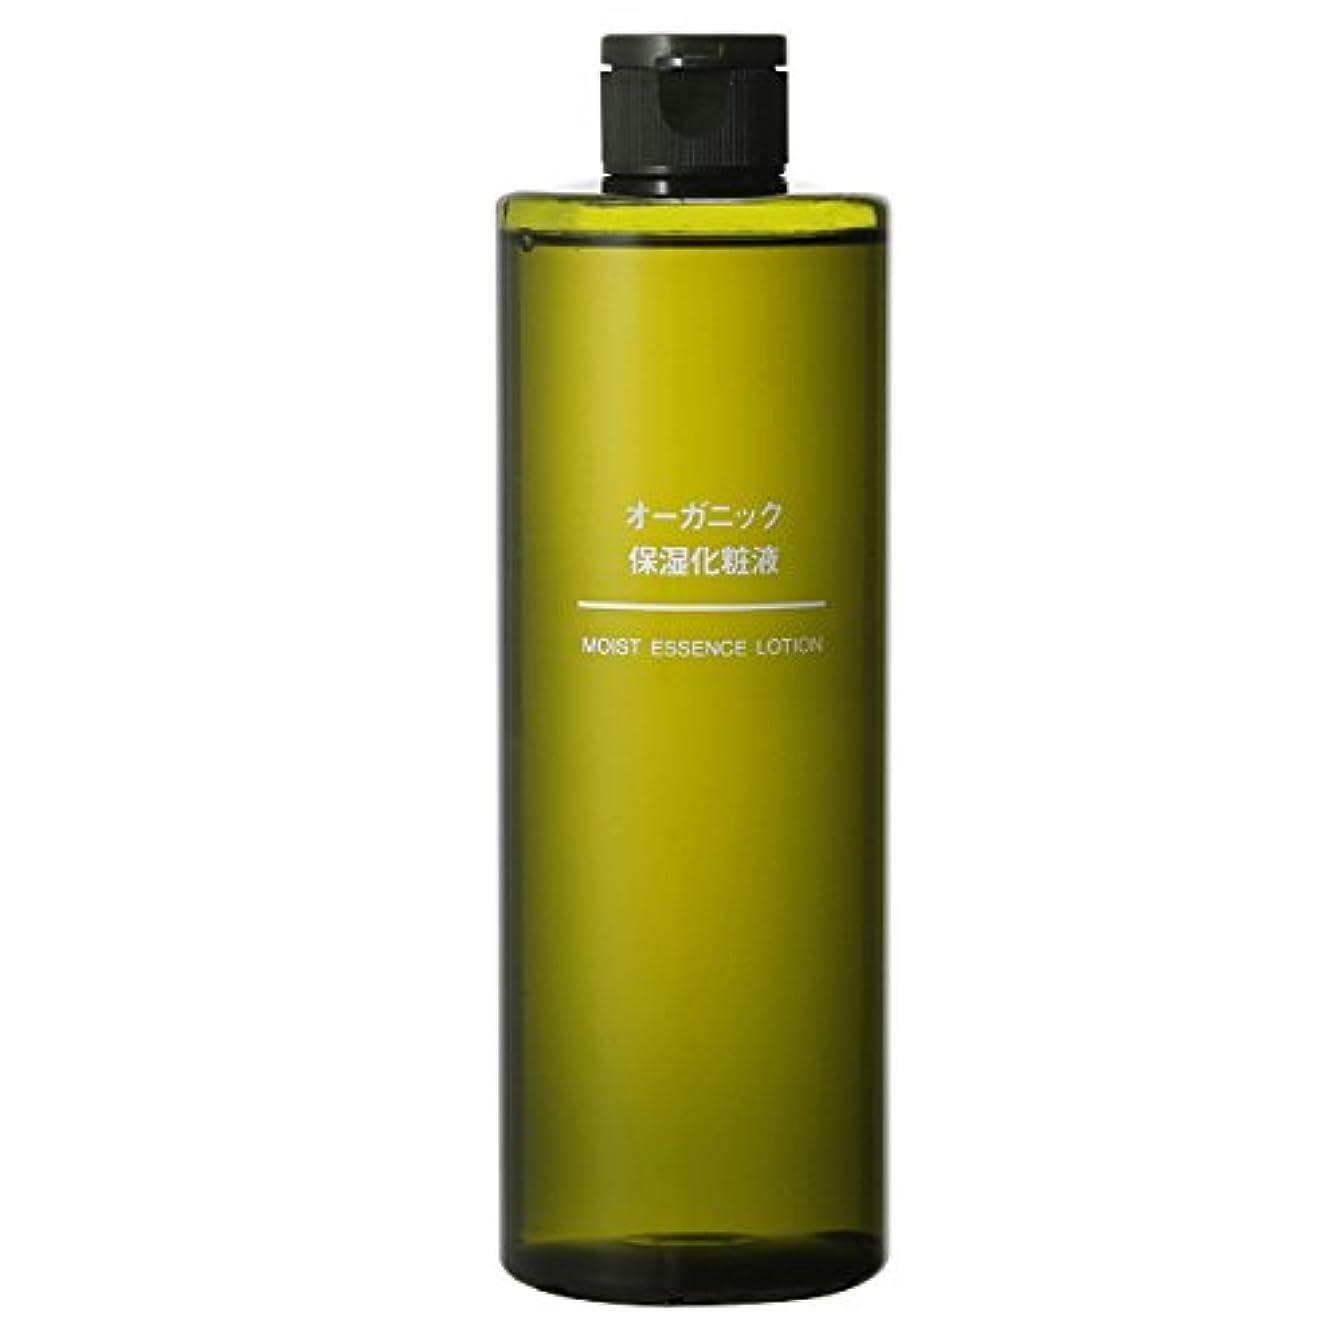 媒染剤赤外線大量無印良品 オーガニック保湿化粧液(大容量) 400ml